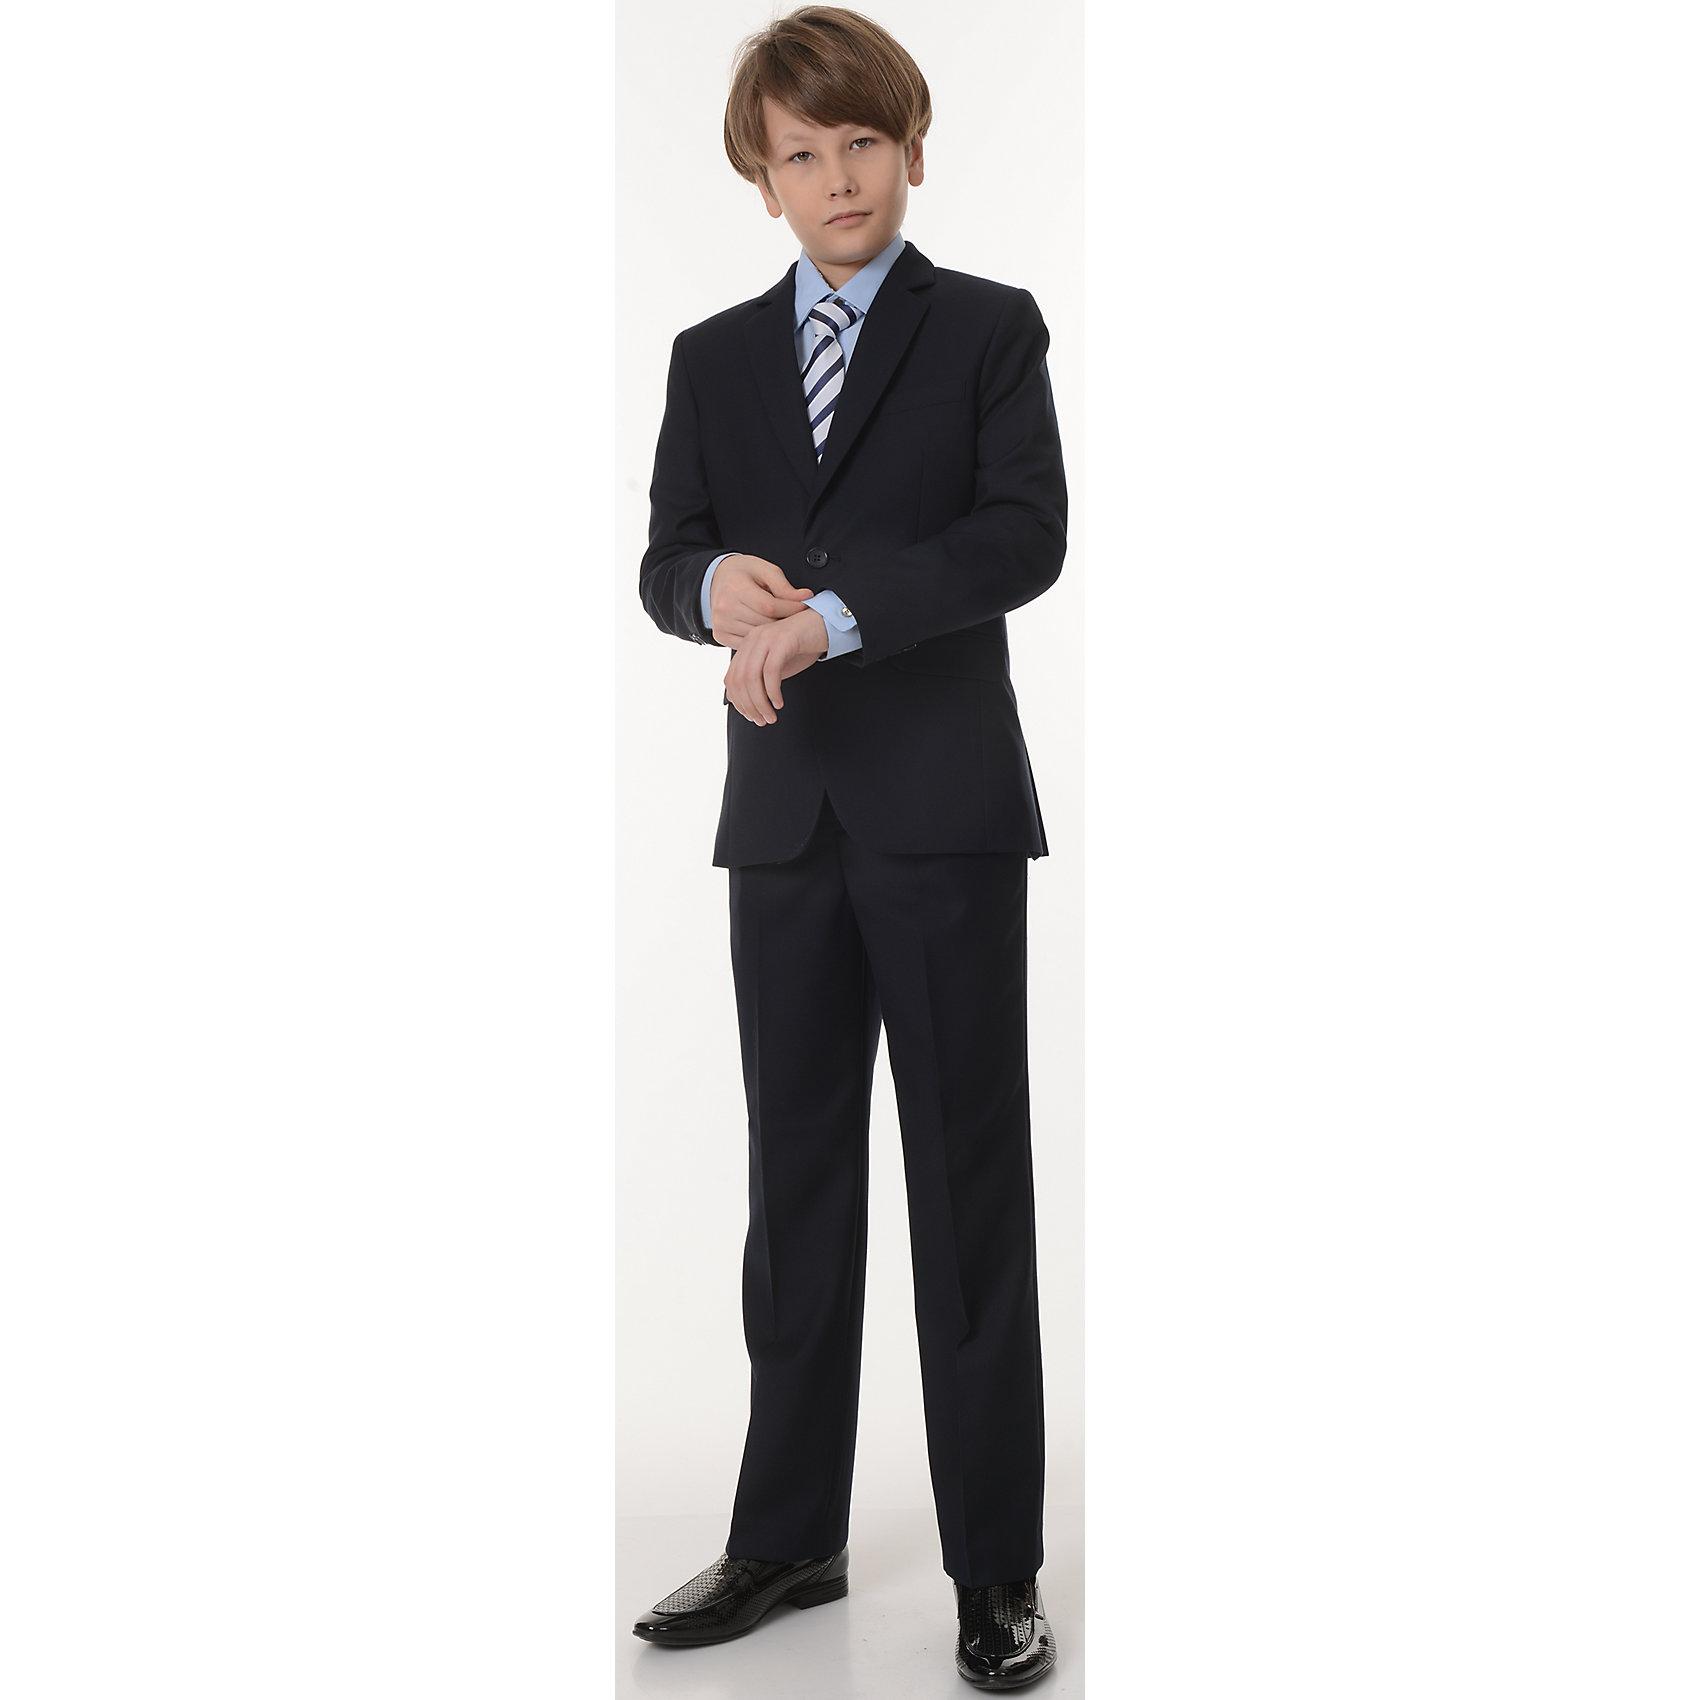 Пиджак Дэвид для мальчика SkylakeКостюмы и пиджаки<br>Характеристики товара:<br><br>• цвет: синий<br>• материал: 70% полиэстер, 30% вискоза; <br>• подкладка: 47% вискоза, 53% полиэстер<br>• сезон: демисезон<br>• прилегающий силуэт<br>• однобортный<br>• воротник отложной<br>• карман<br>• на подкладке<br>• застежки: пуговицы<br>• страна бренда: Российская Федерация<br>• страна производства: Российская Федерация<br><br>Школьный пиджак для мальчика. Классический пиджак синего цвета. Однобортный  пиджак прилегающего силуэта с застежкой на 2 петли и пуговицы. Лацканы пиджака удлиненные узкие. Края  борта со скосом от второй нижней пуговицы и закруглением к линии низа.  <br><br>Полочки с  вытачками,  отрезными боковыми частями и боковыми косыми прорезными  карманами в «рамку»  с клапанами. На левой полочке  нагрудный  карман в листочку. Спинка со средним швом и  двумя шлицами.<br><br>Рукава втачные, двухшовные с тремя пуговицами внизу по линии локтевого шва. Воротник отложной,  верхний воротник со стойкой, нижний воротник из  фильца. Пиджак на подкладке  с  одним  внутренним  прорезным  карманом  «в рамку» из основной ткани на левой полочке. <br><br>Пиджак Дэвид для мальчика от бренда SKY LAKE (Скай Лэйк) можно купить в нашем интернет-магазине.<br><br>Ширина мм: 190<br>Глубина мм: 74<br>Высота мм: 229<br>Вес г: 236<br>Цвет: синий<br>Возраст от месяцев: 144<br>Возраст до месяцев: 156<br>Пол: Мужской<br>Возраст: Детский<br>Размер: 158,140,128,134,146,152<br>SKU: 6772634